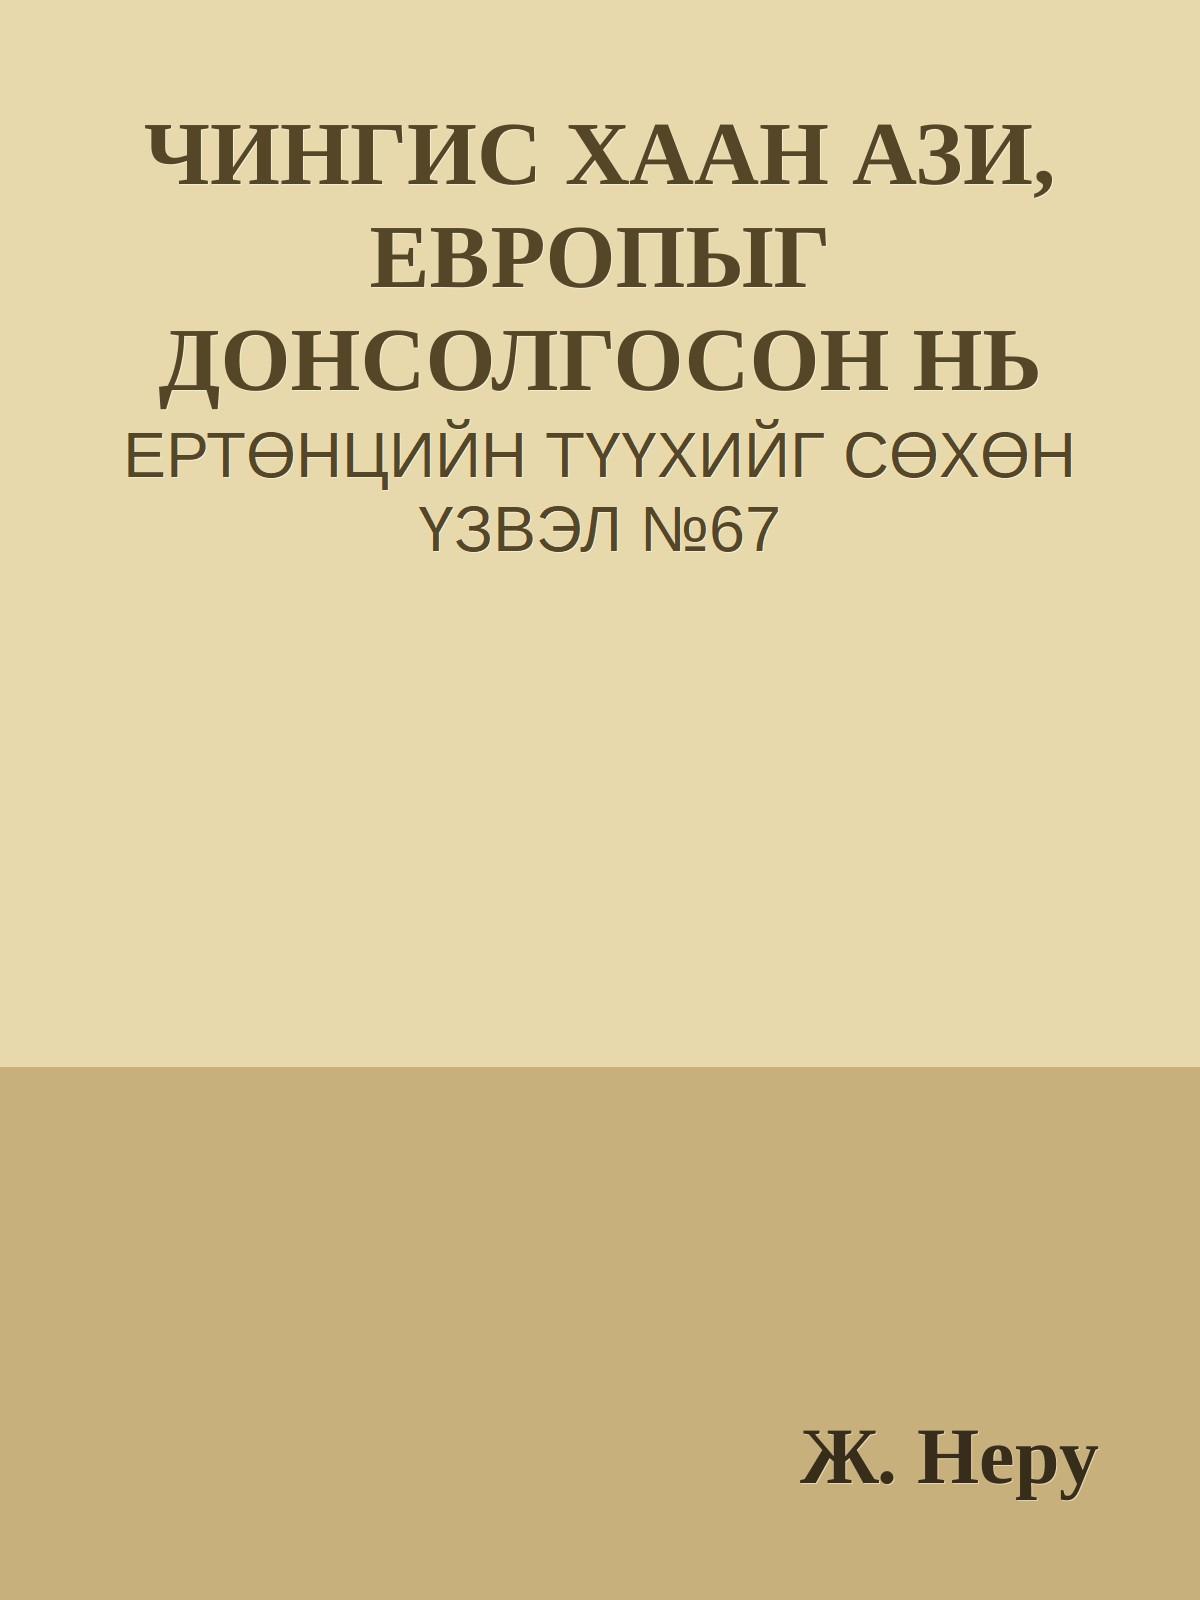 ЧИНГИС ХААН АЗИ, ЕВРОПЫГ ДОНСОЛГОСОН НЬ